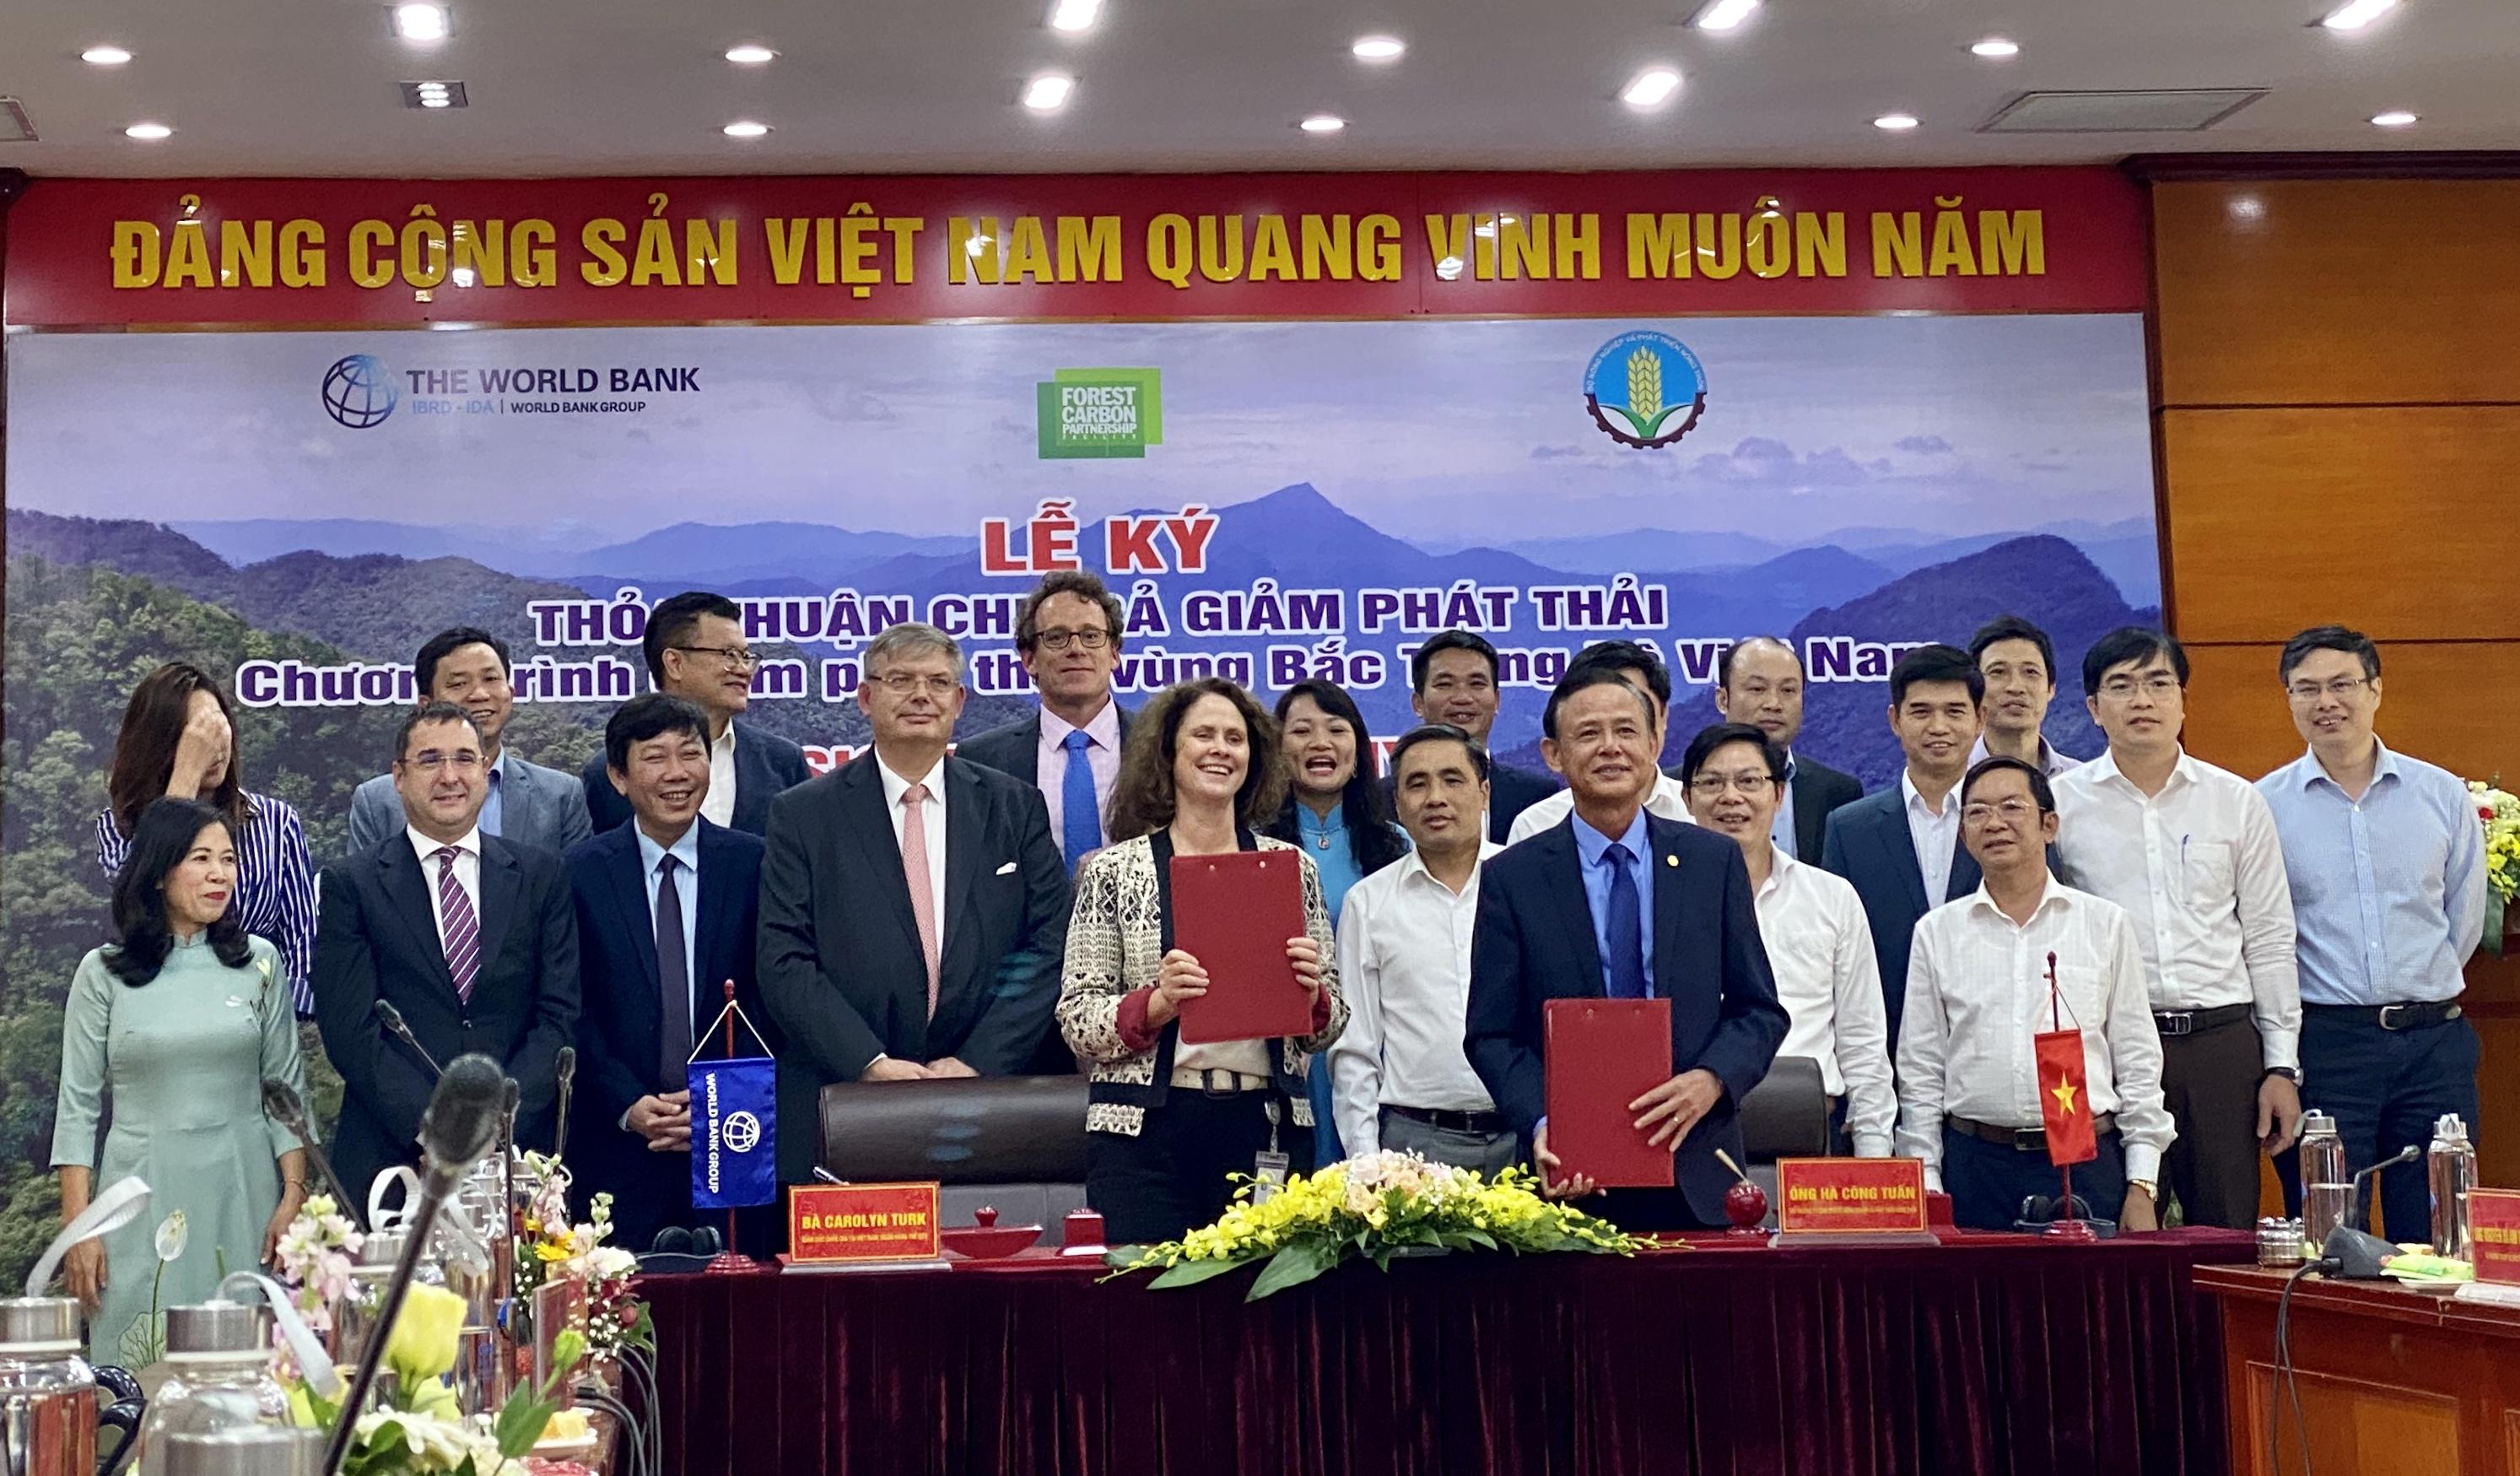 Việt Nam thu ngay 1.200 tỷ đồng từ giảm phát thải